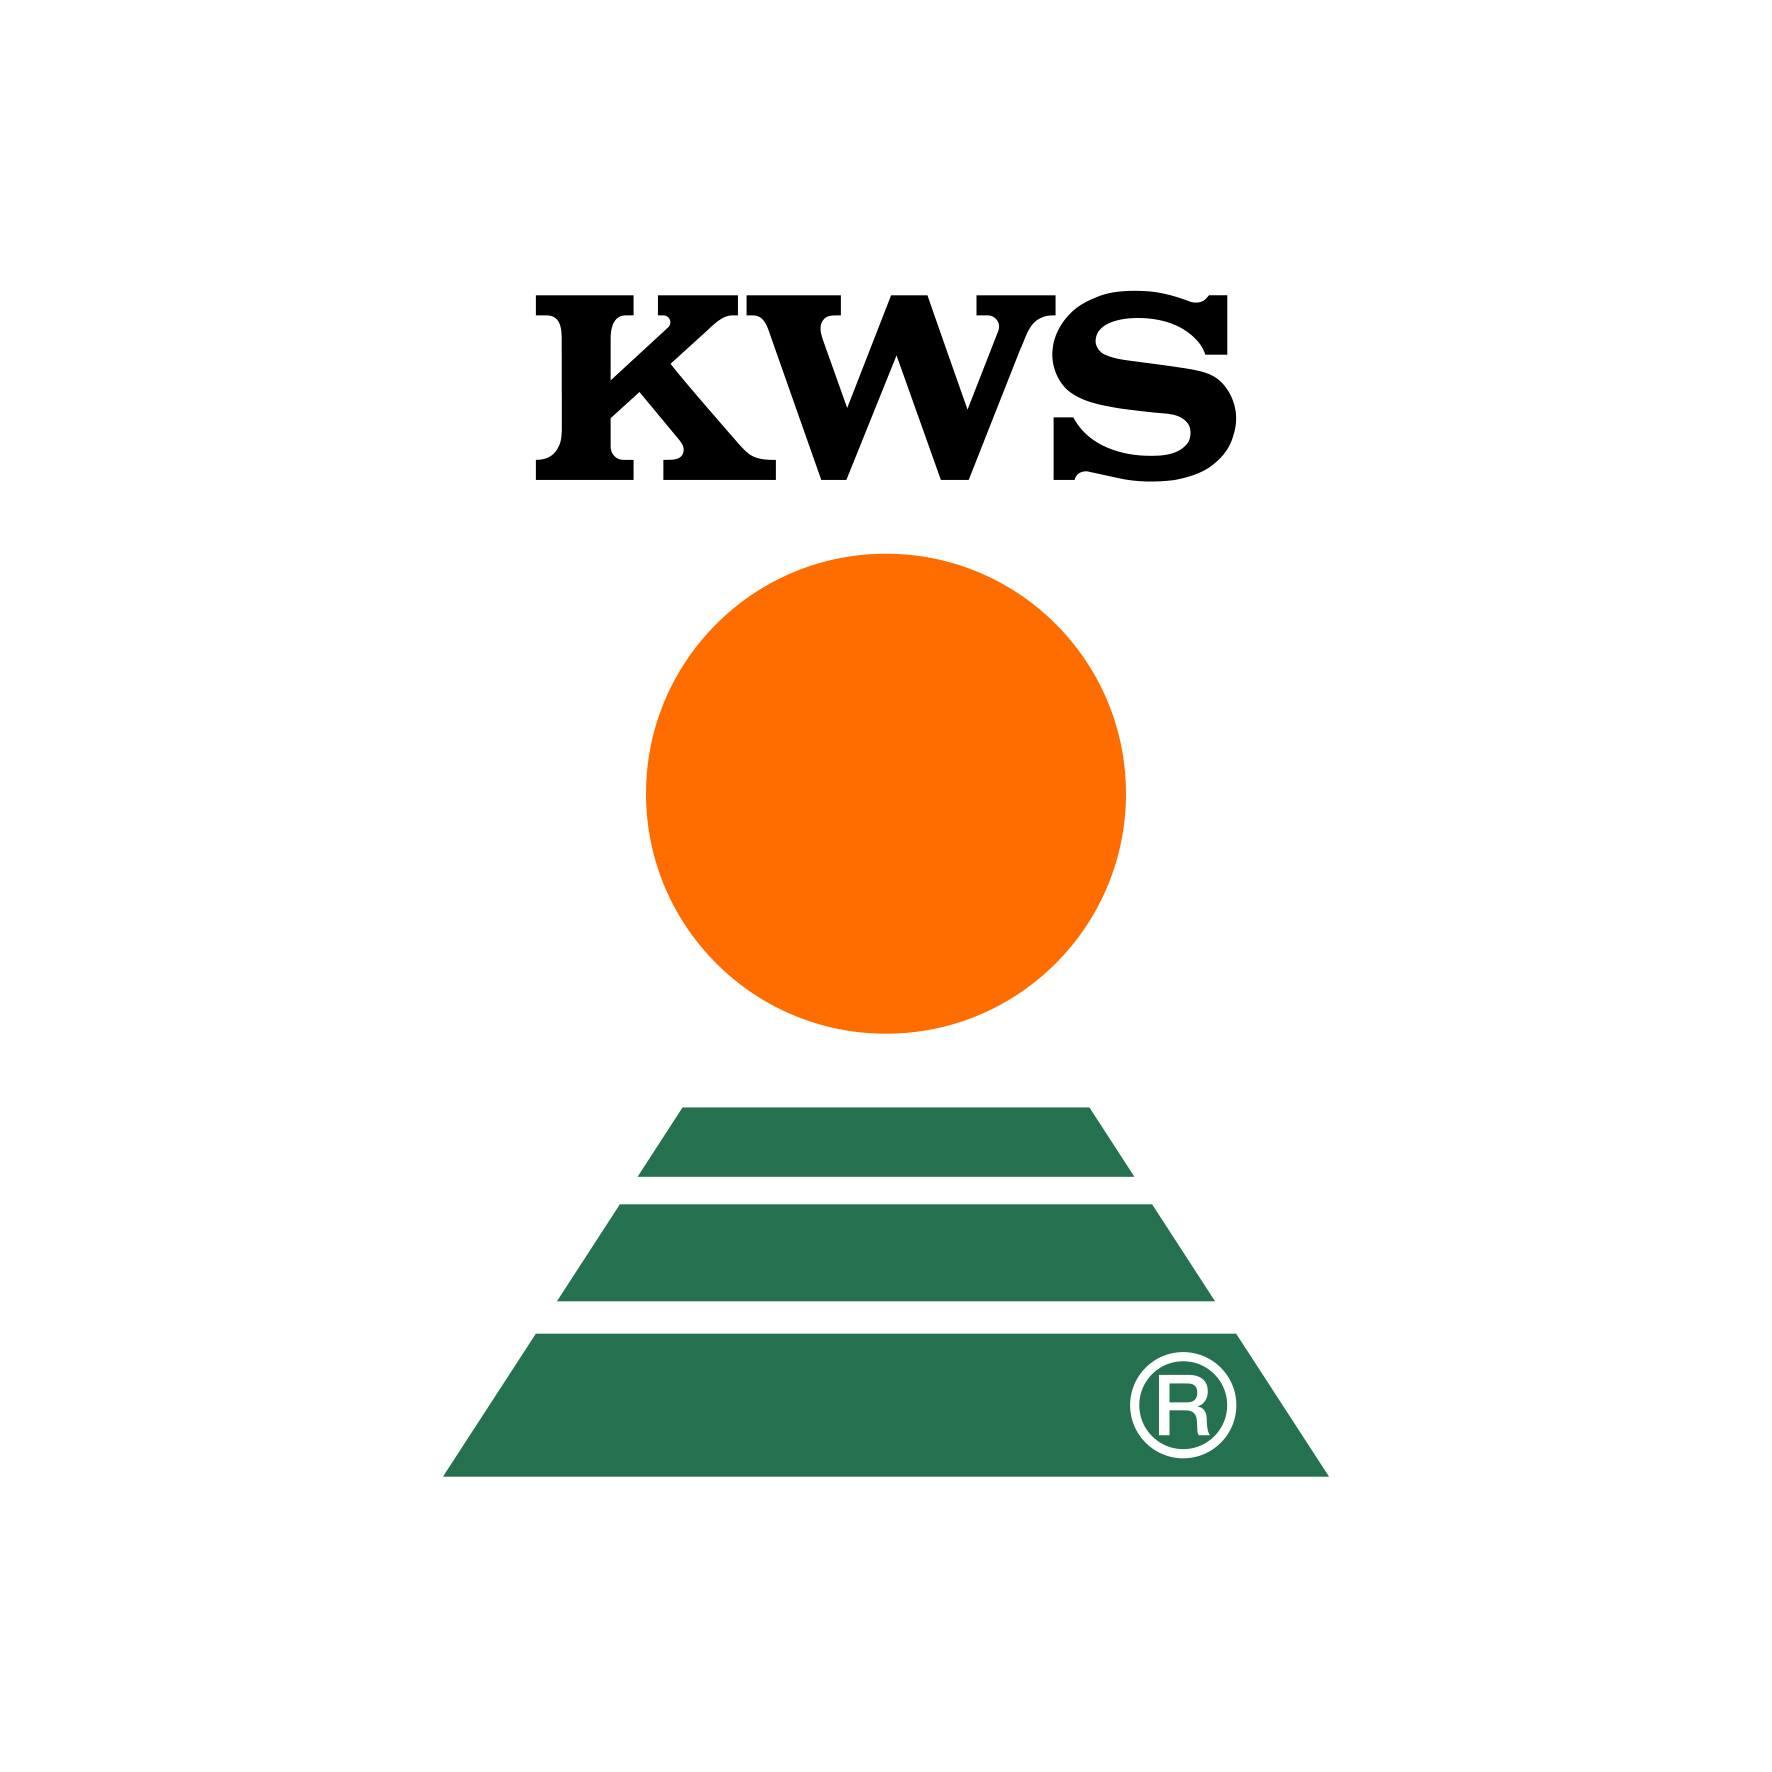 KWS Saat - Wikipedia